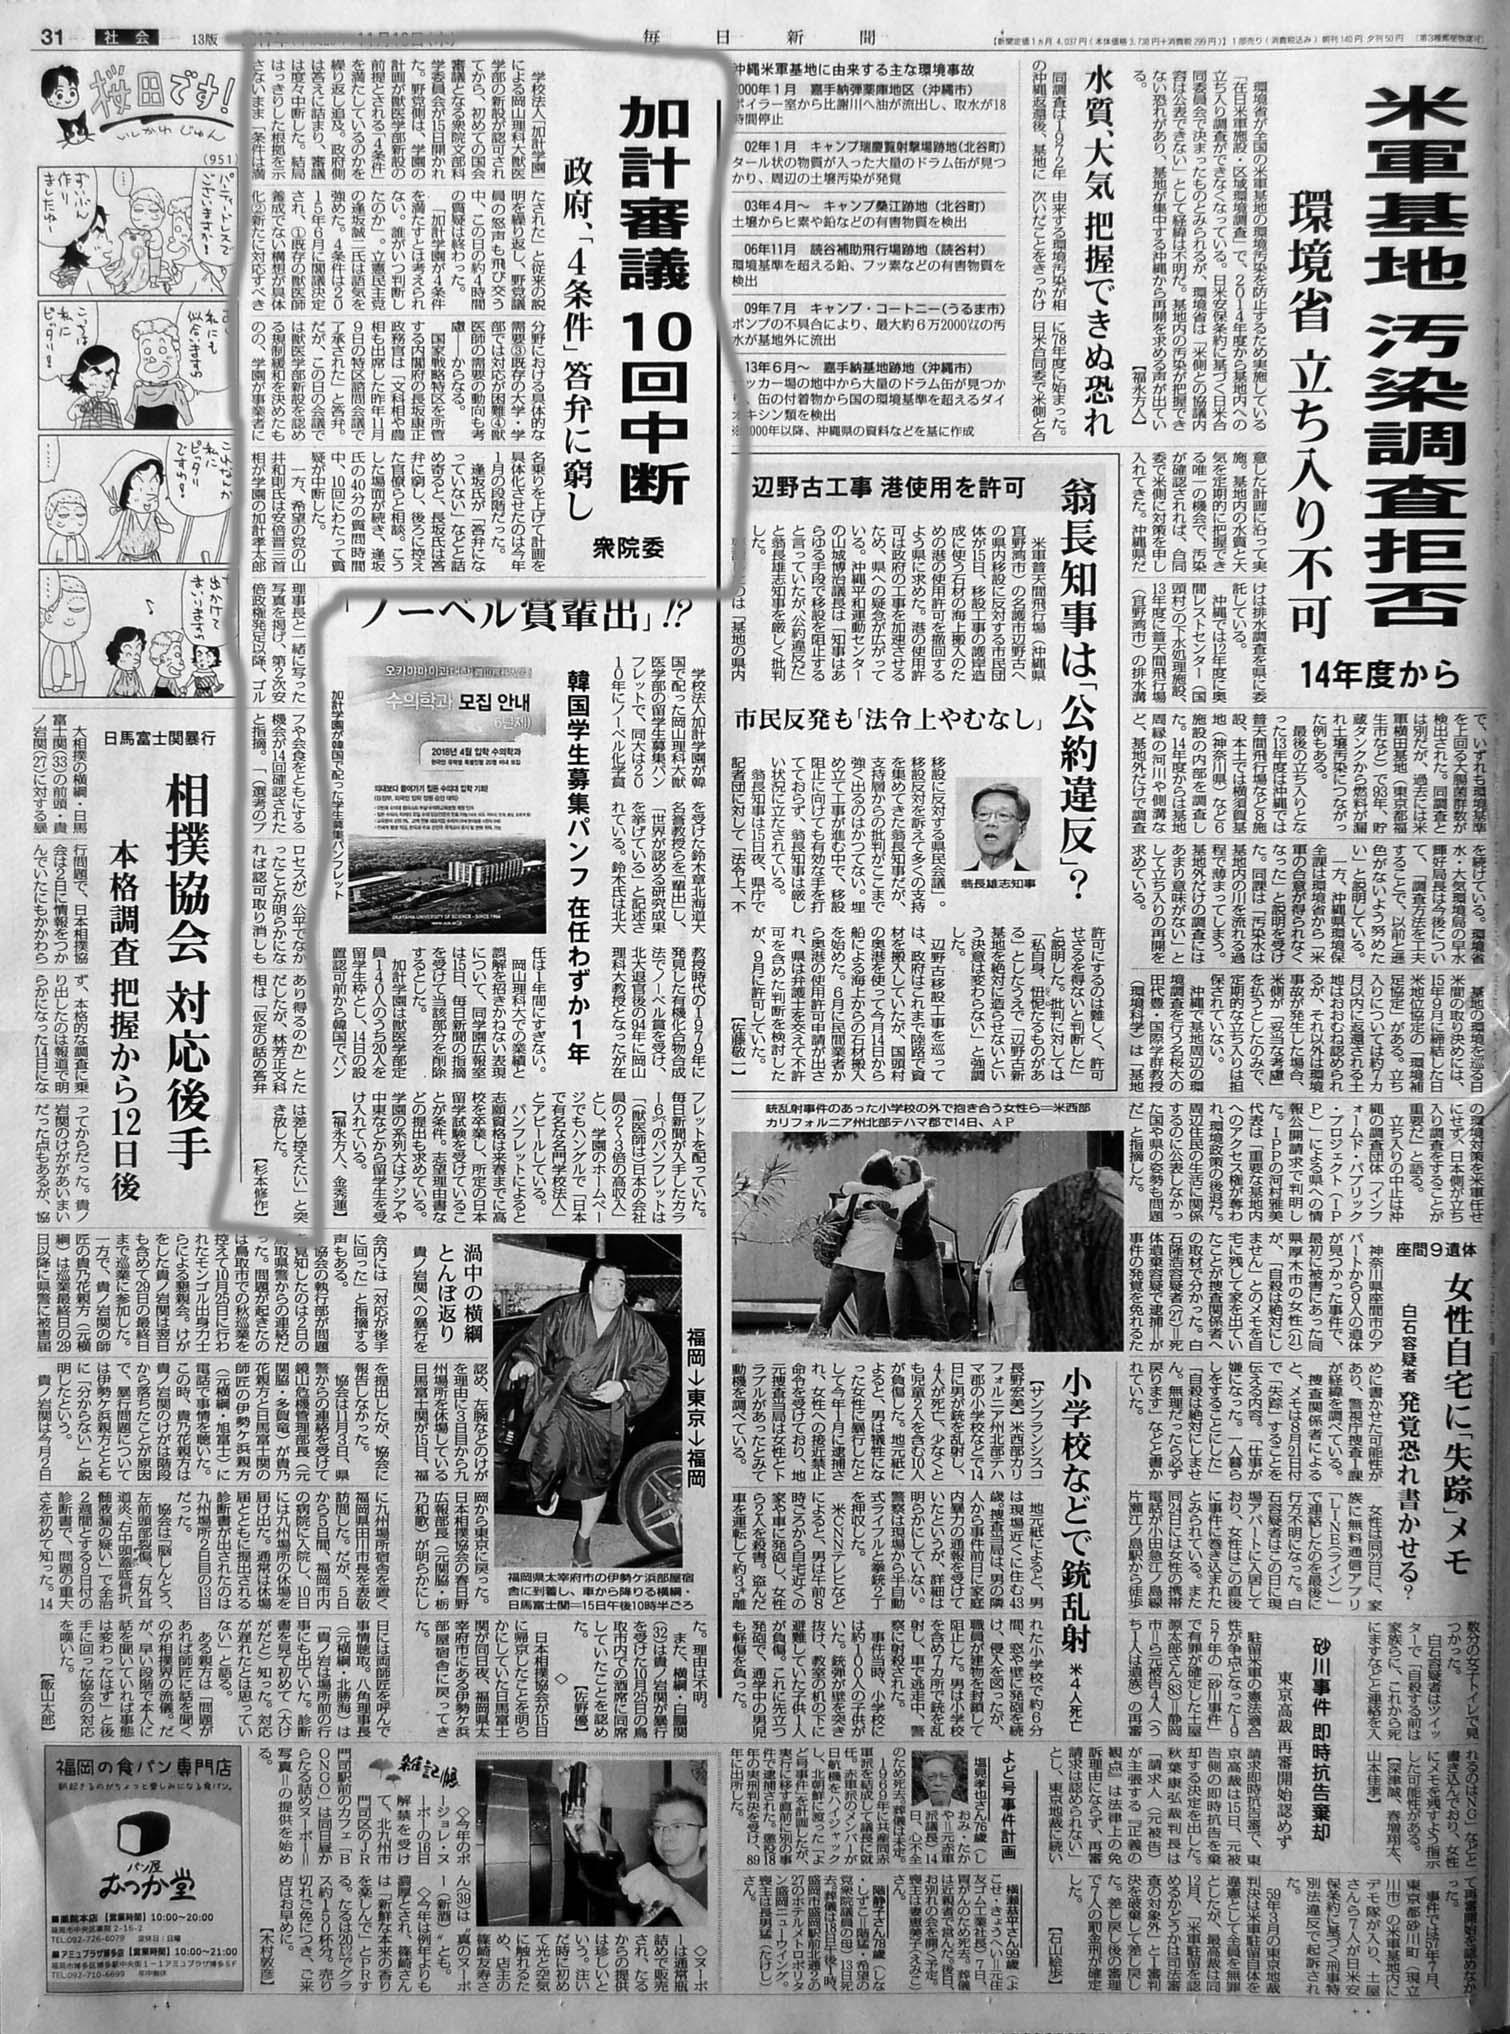 mainichi1116p31-80-mk.jpg